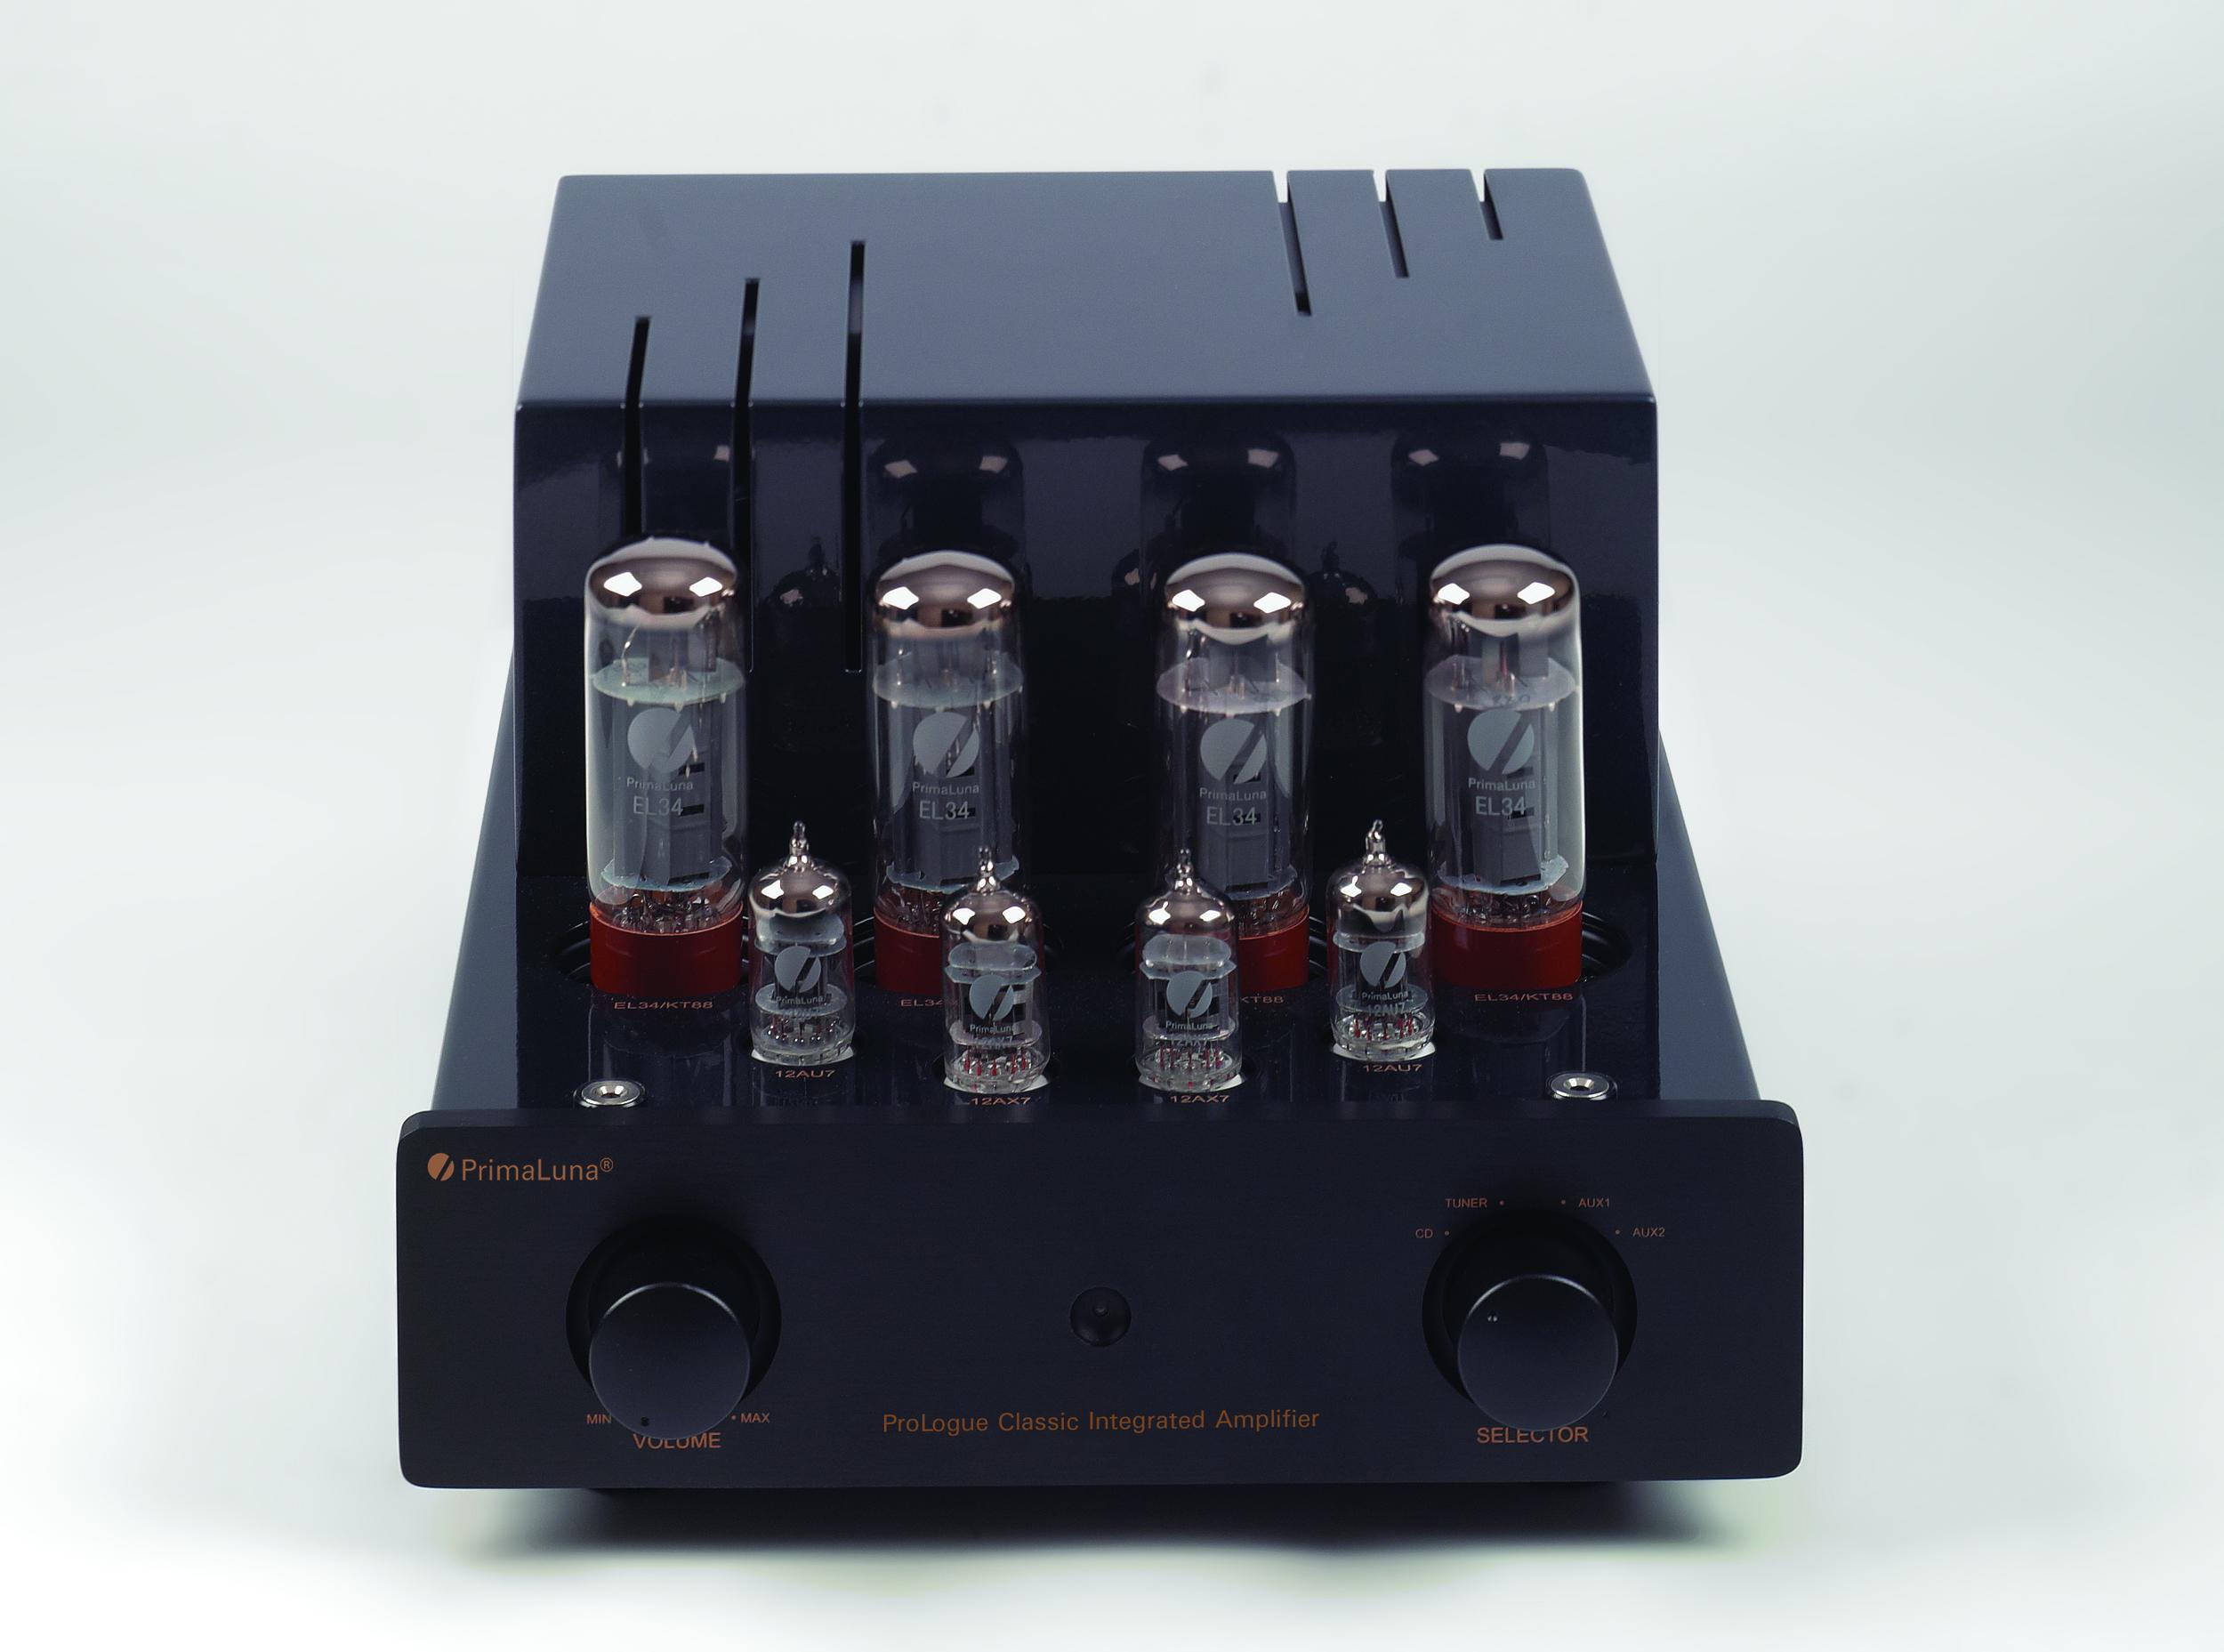 011-PrimaLuna Classic Integrated Amplifier-zwart.jpg